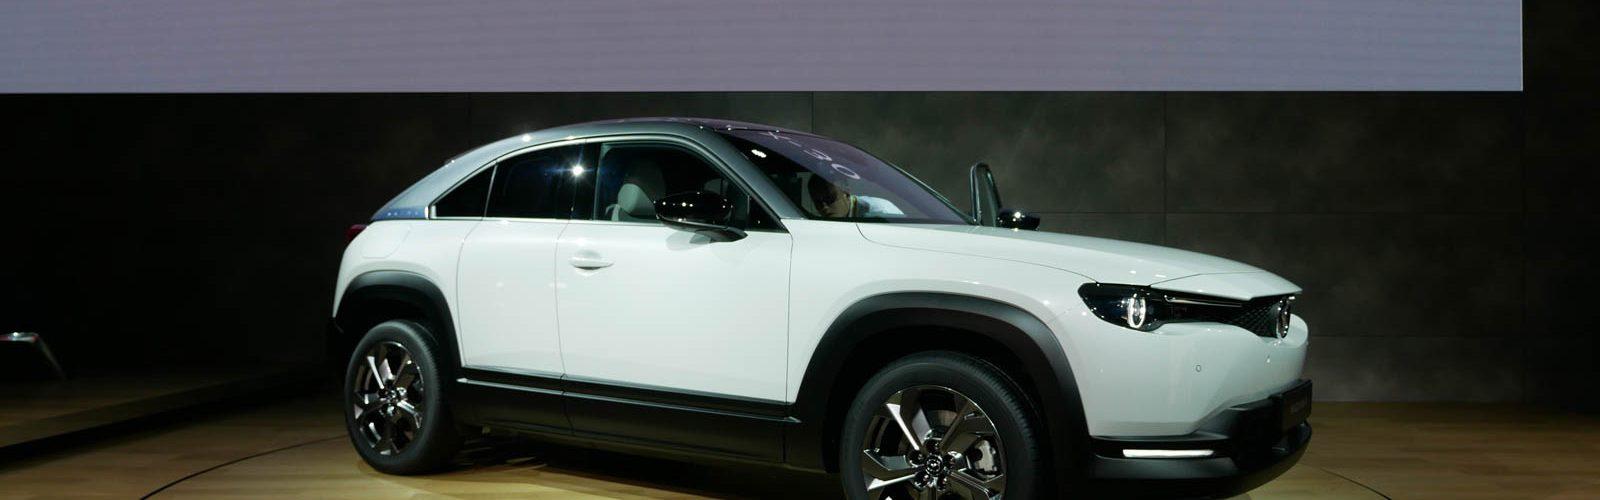 LNA 2019 Tokyo Motor Show Mazda 20